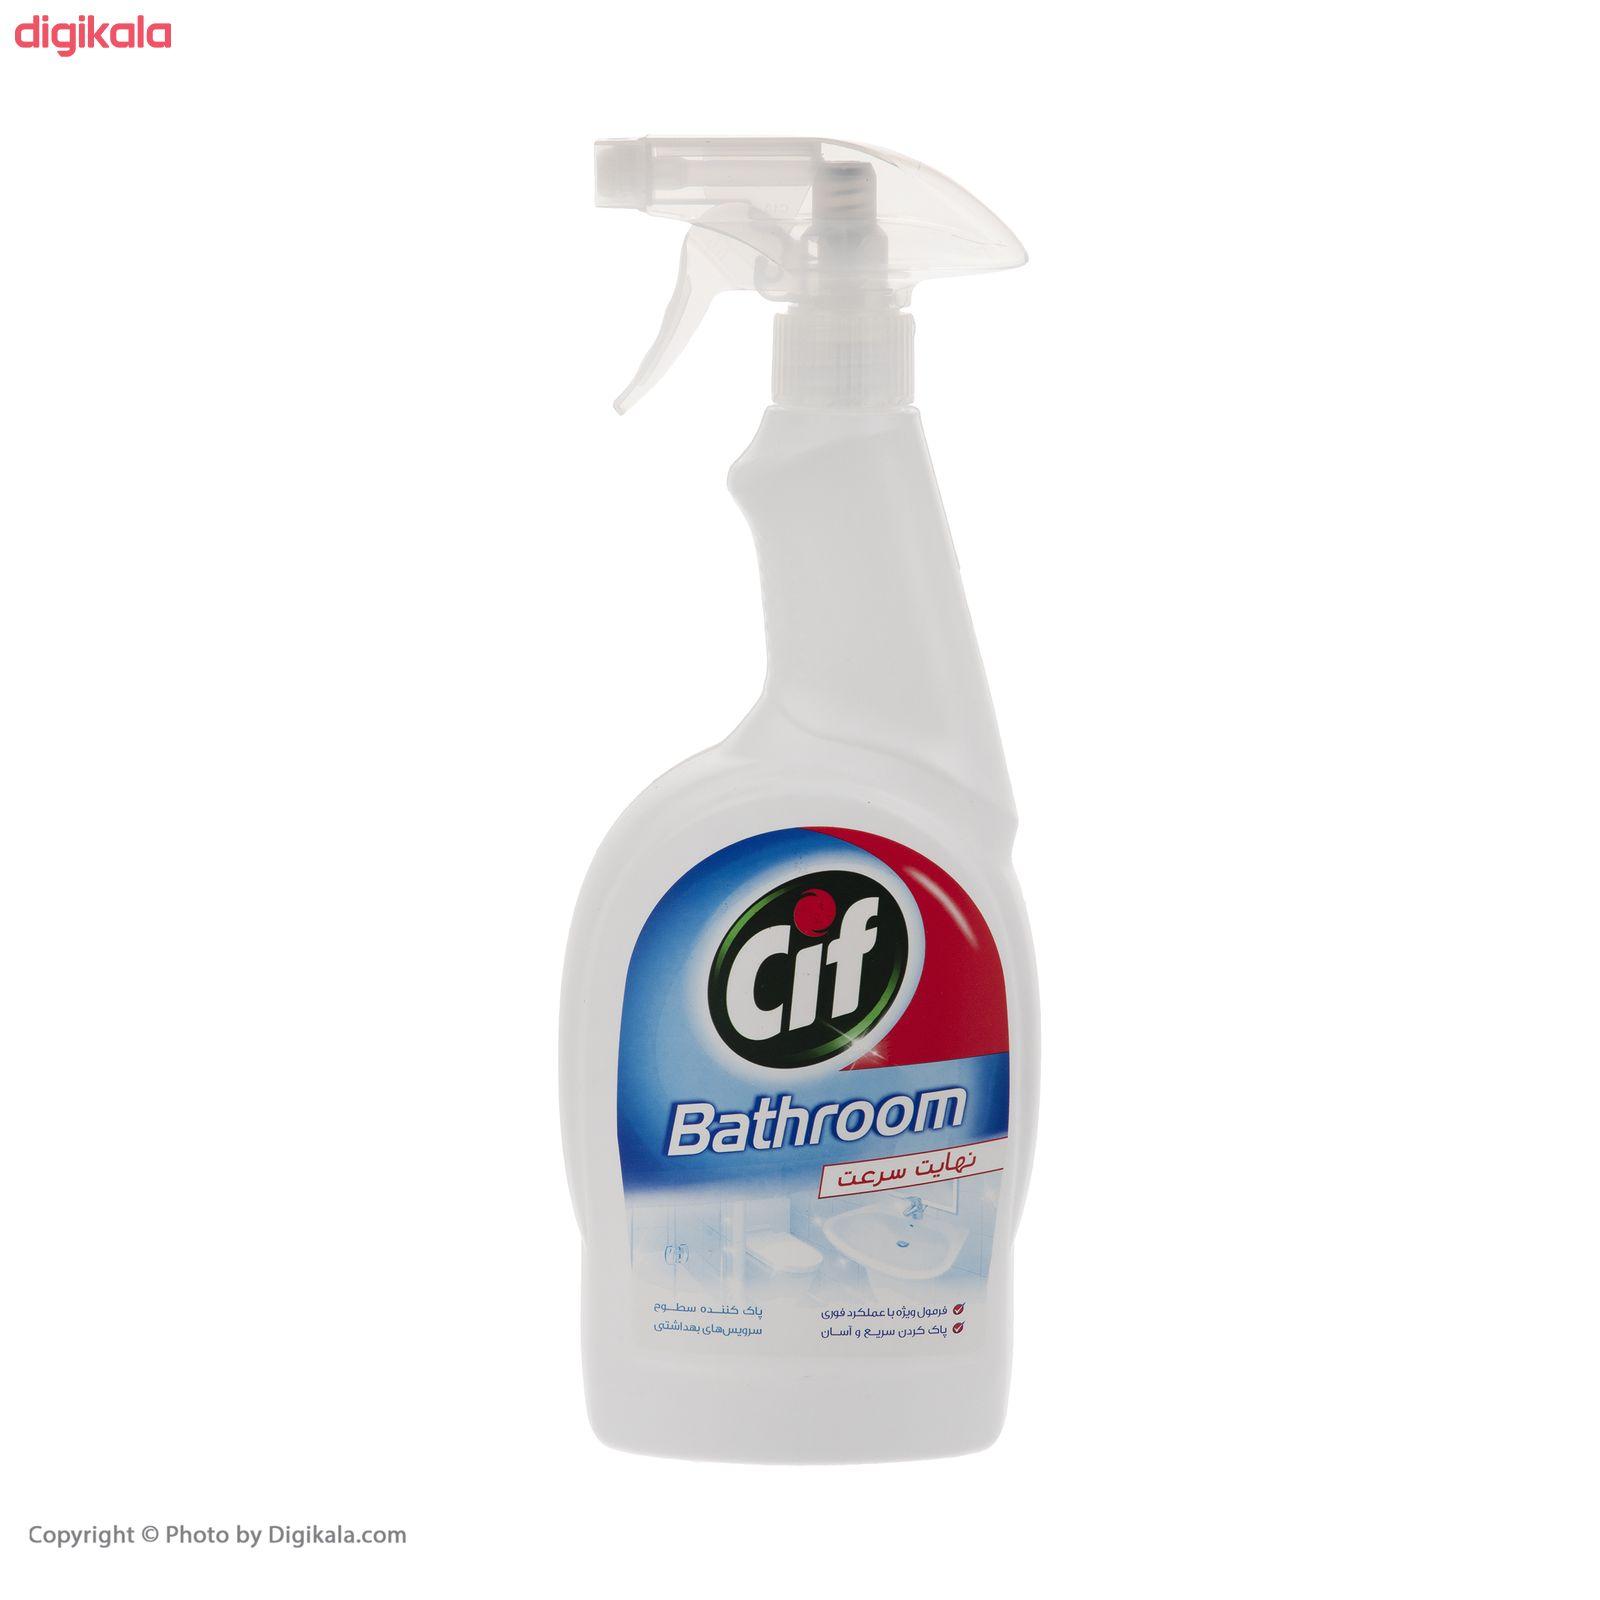 اسپری تمیزکننده سطوح حمام و دستشویی سیف مقدار 750 گرم main 1 2